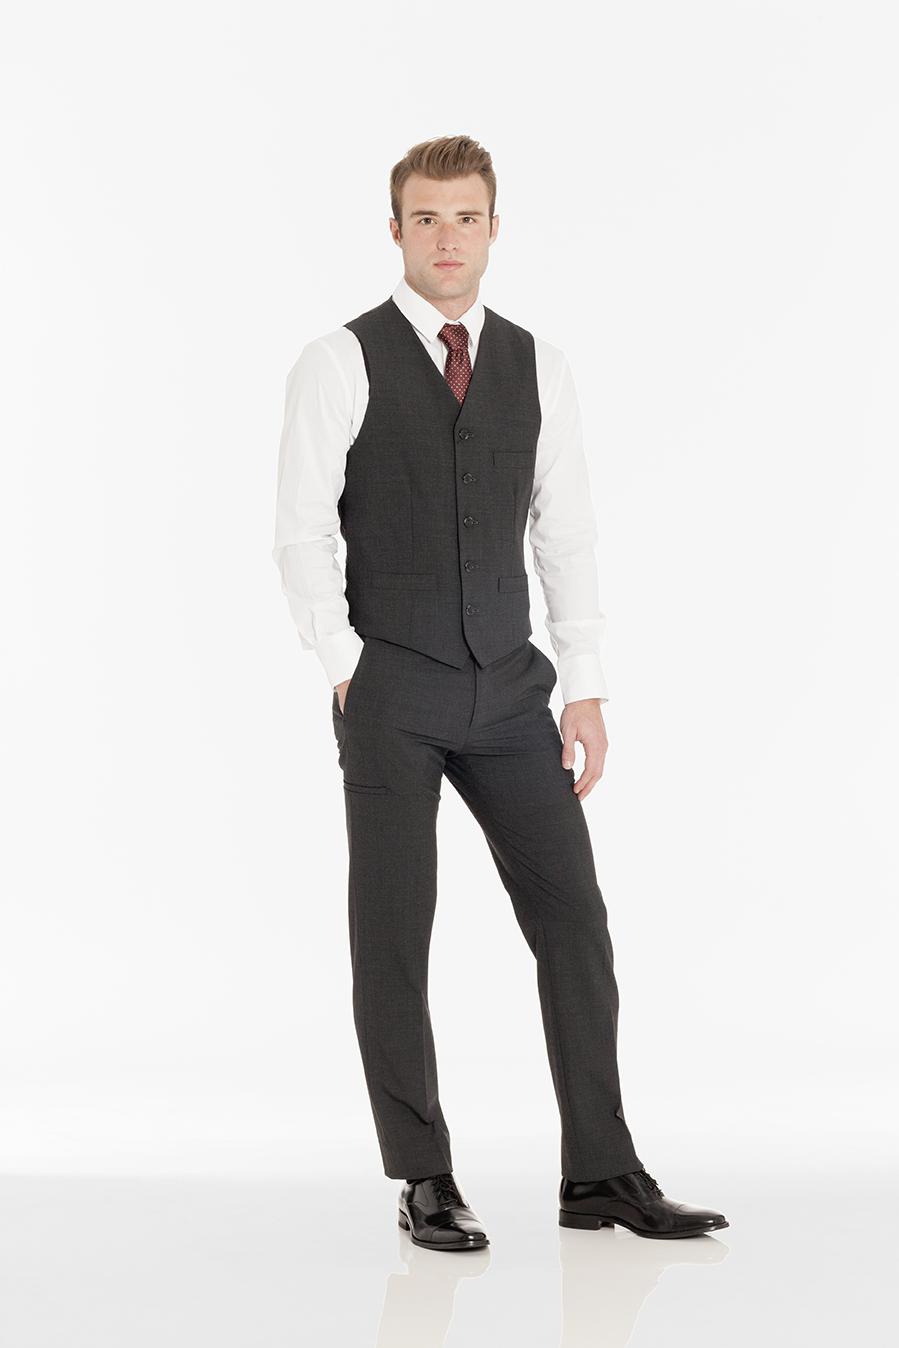 Vest 1250 Shirt 1000FC Pant 283 Tie 1420